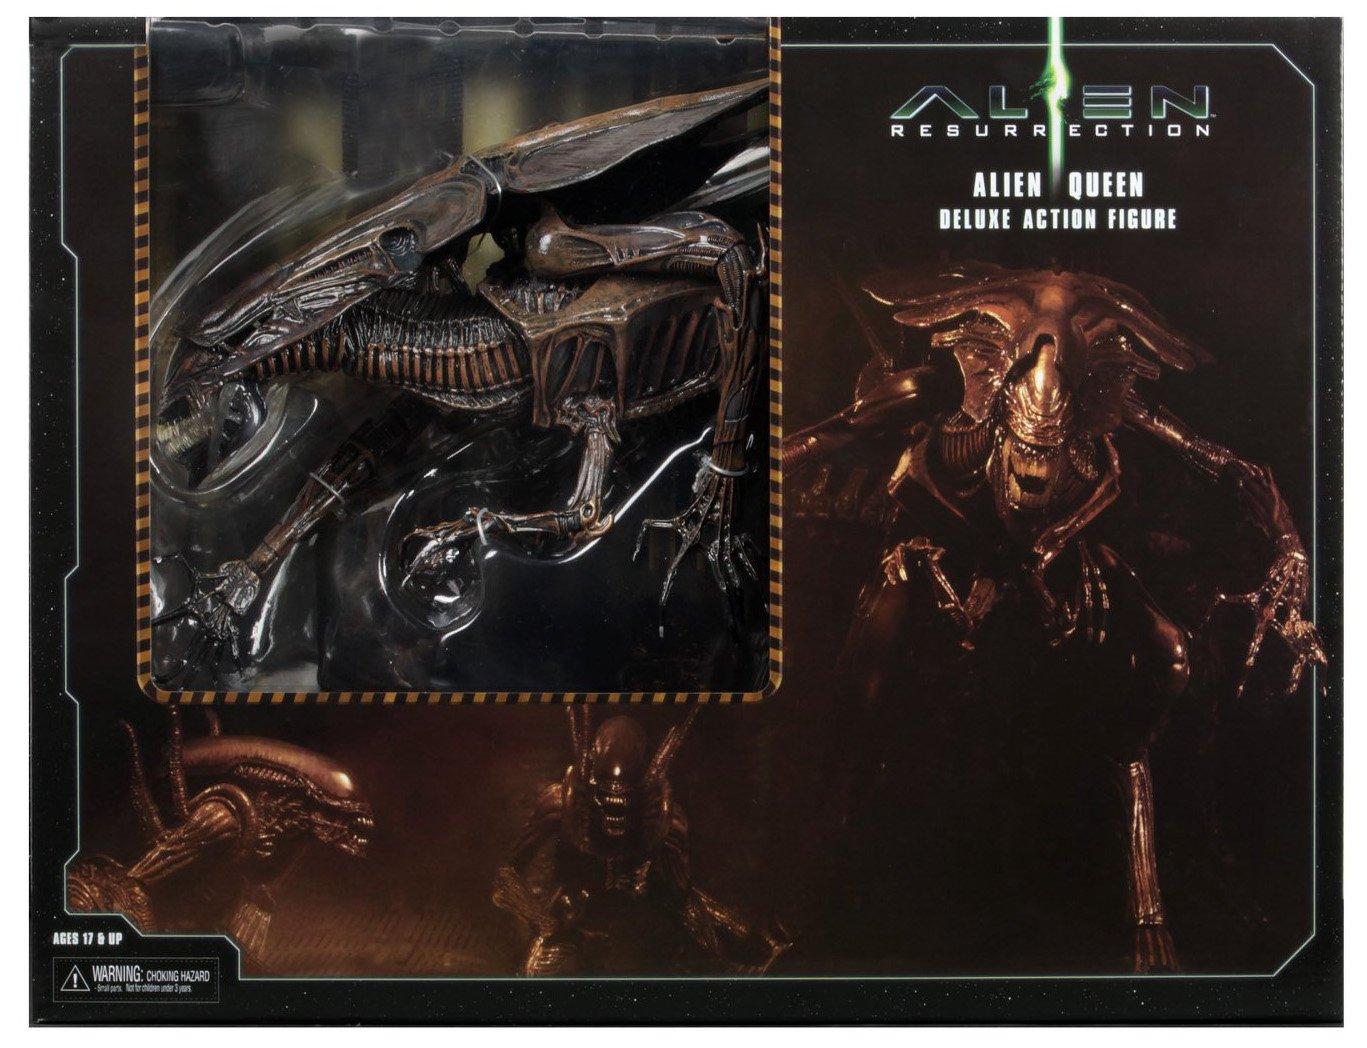 Alien Queen Resurrectio Aliens Action Figure NECA (Free Shipping)